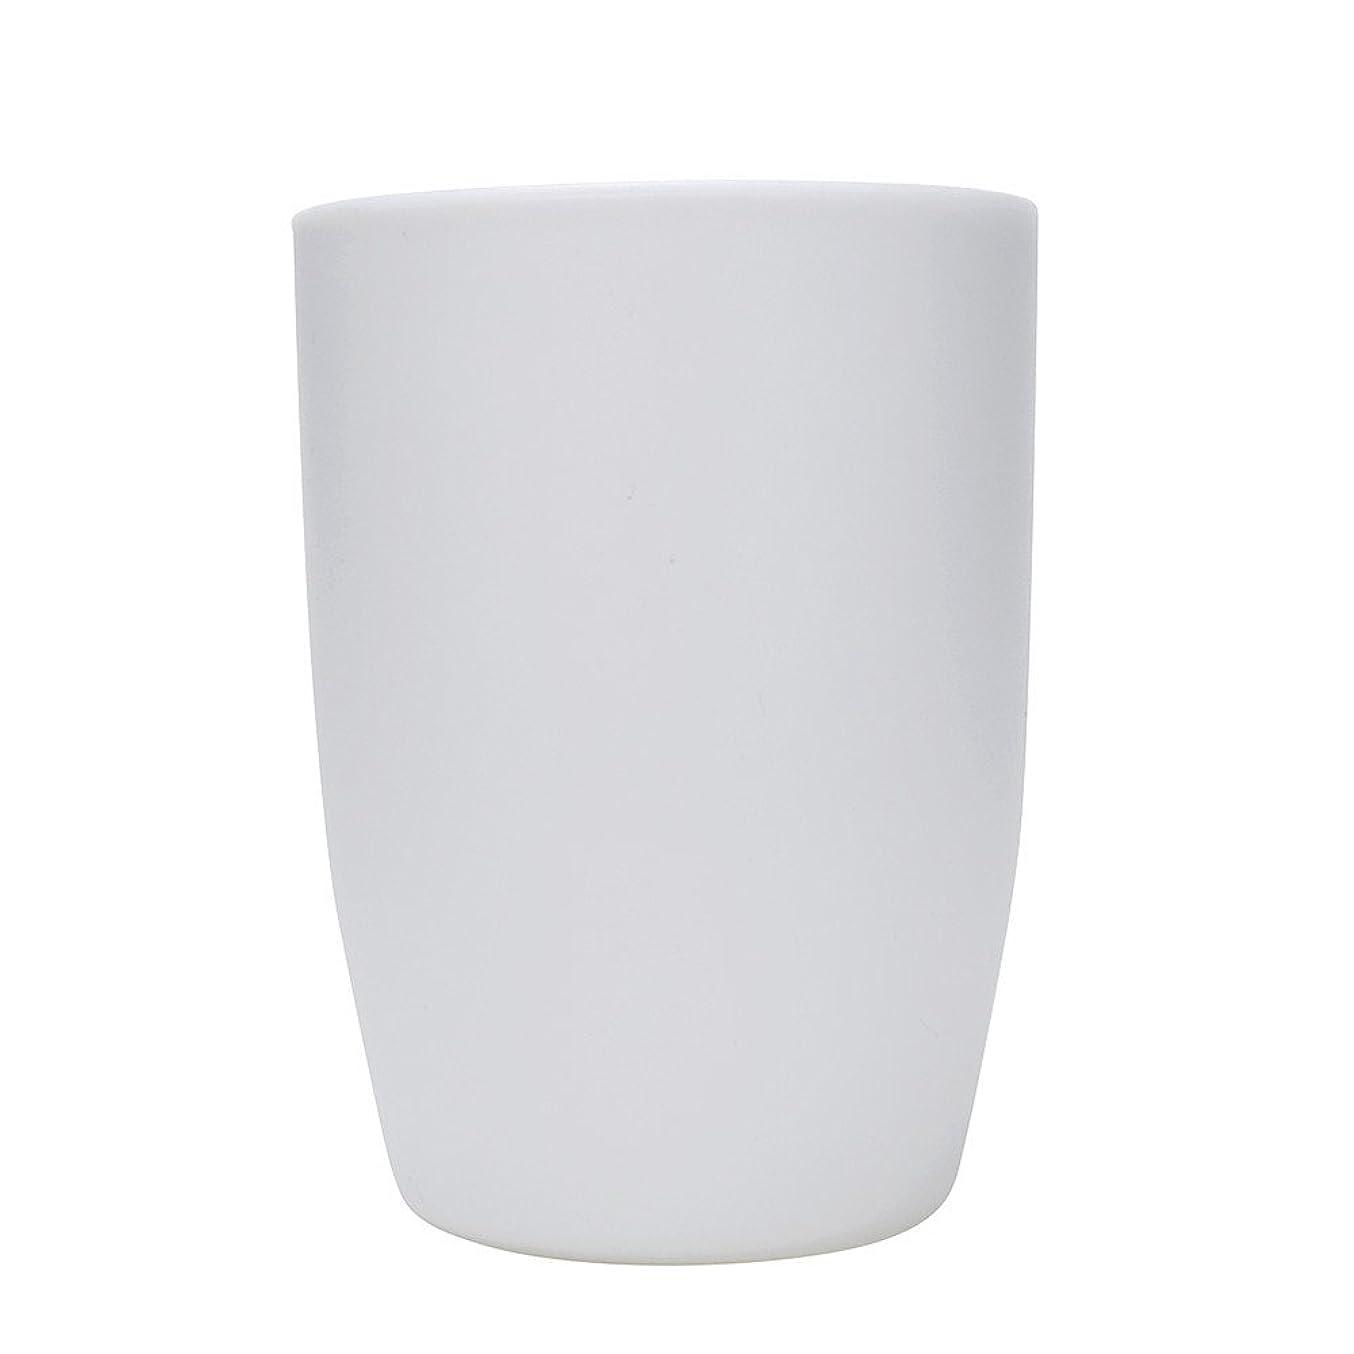 ラベル滞在予言するガーグルカップ 歯ブラシホルダー 歯ブラシスタンド ウォーターカップ バスルーム プラスチック (白)